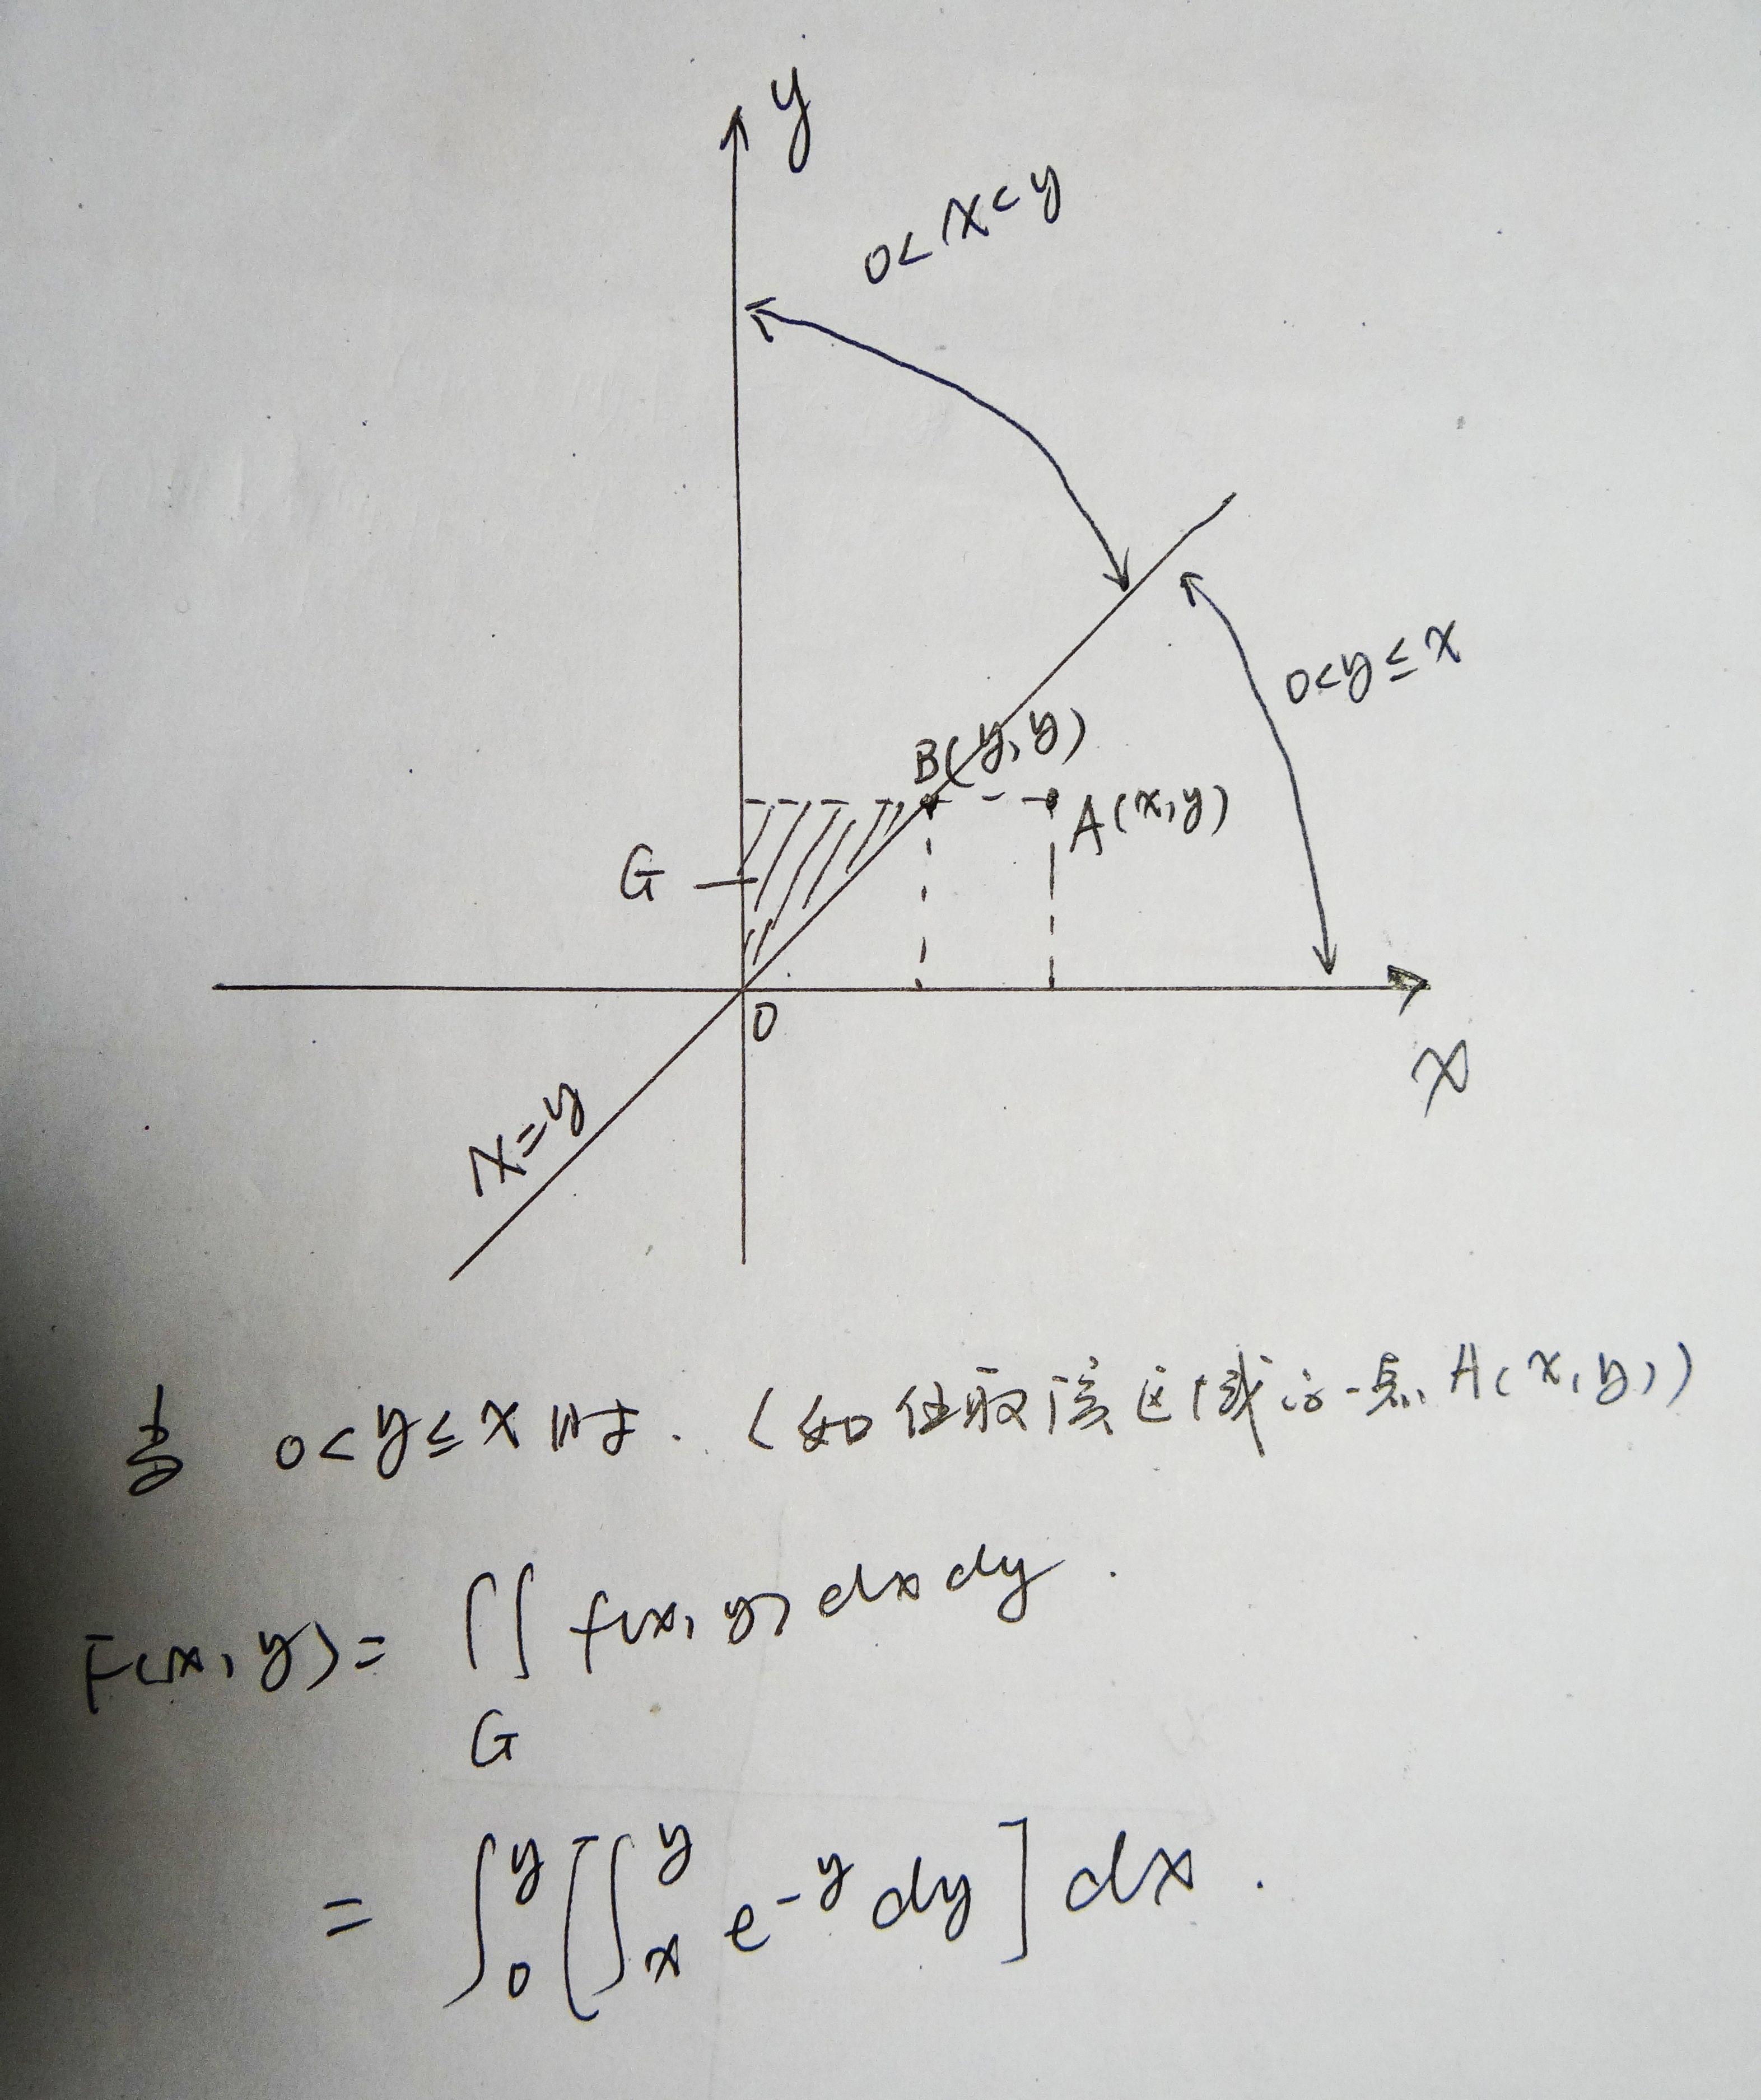 公��f�x�_设函数f(x)=e的x次方/x2+ax+a,其中a为实数 (1)若f(x)